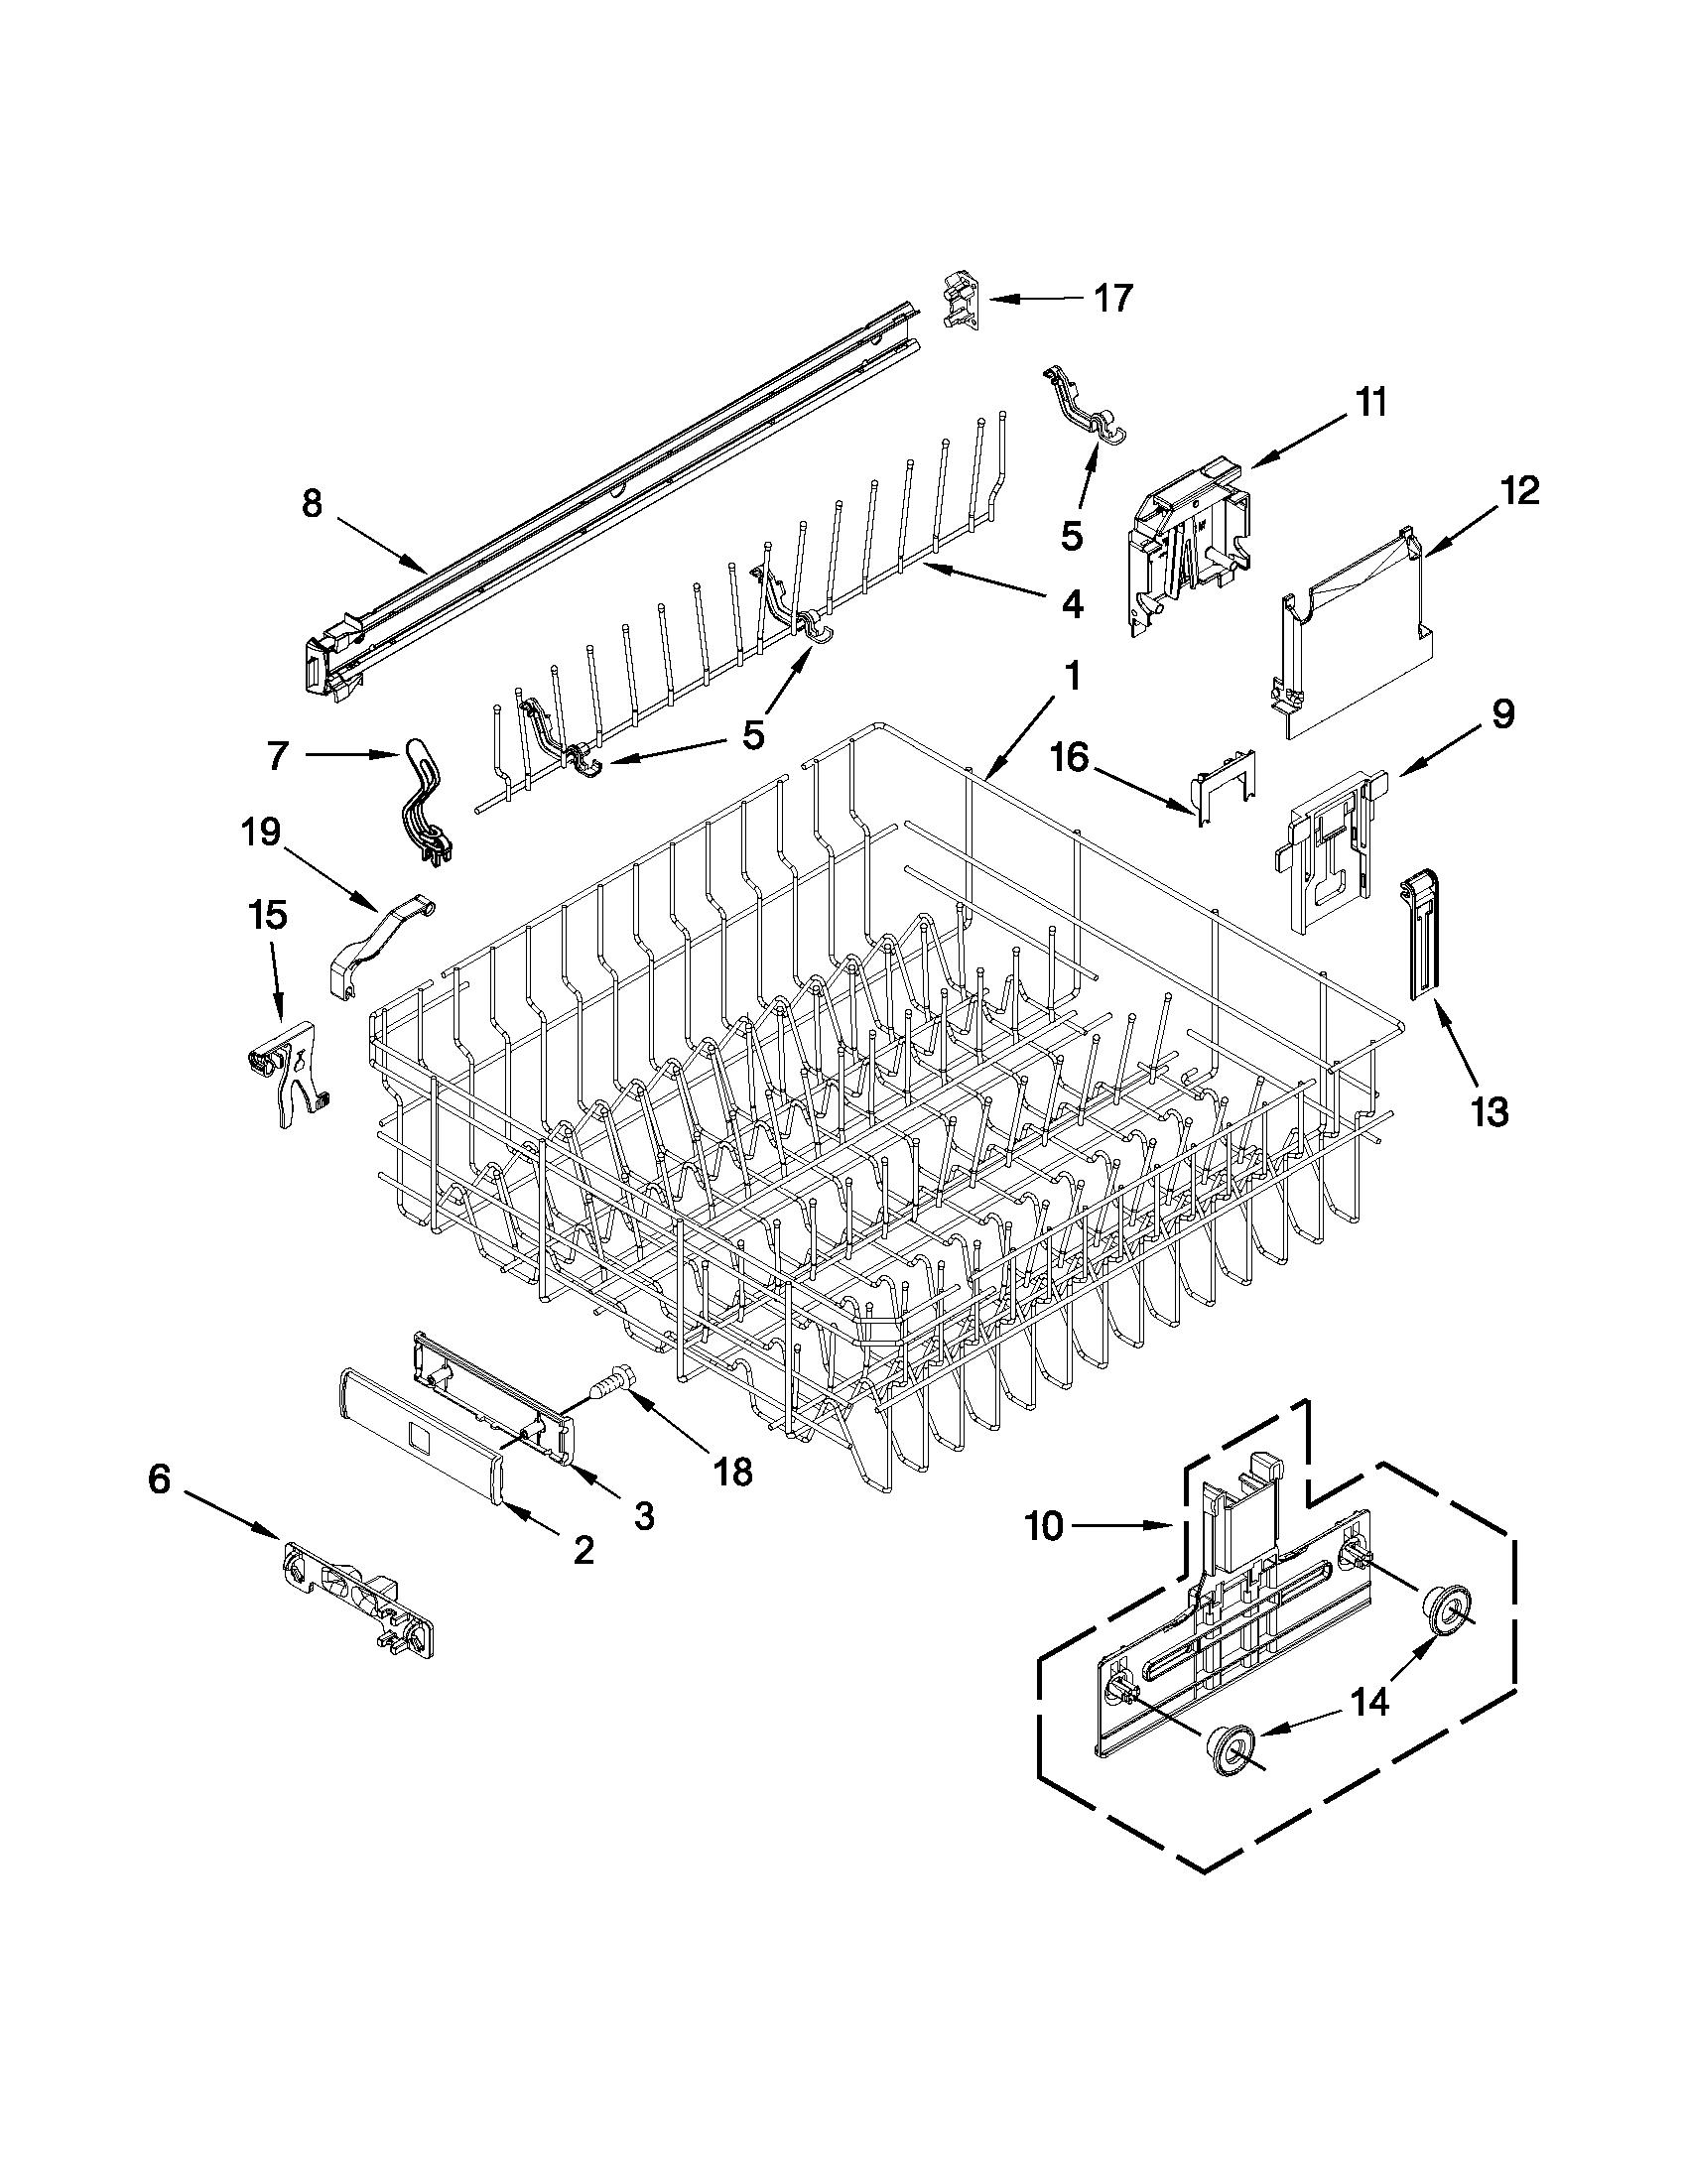 medium resolution of kenmore elite dishwasher model 66512769k310 upper rack and track parts diagram